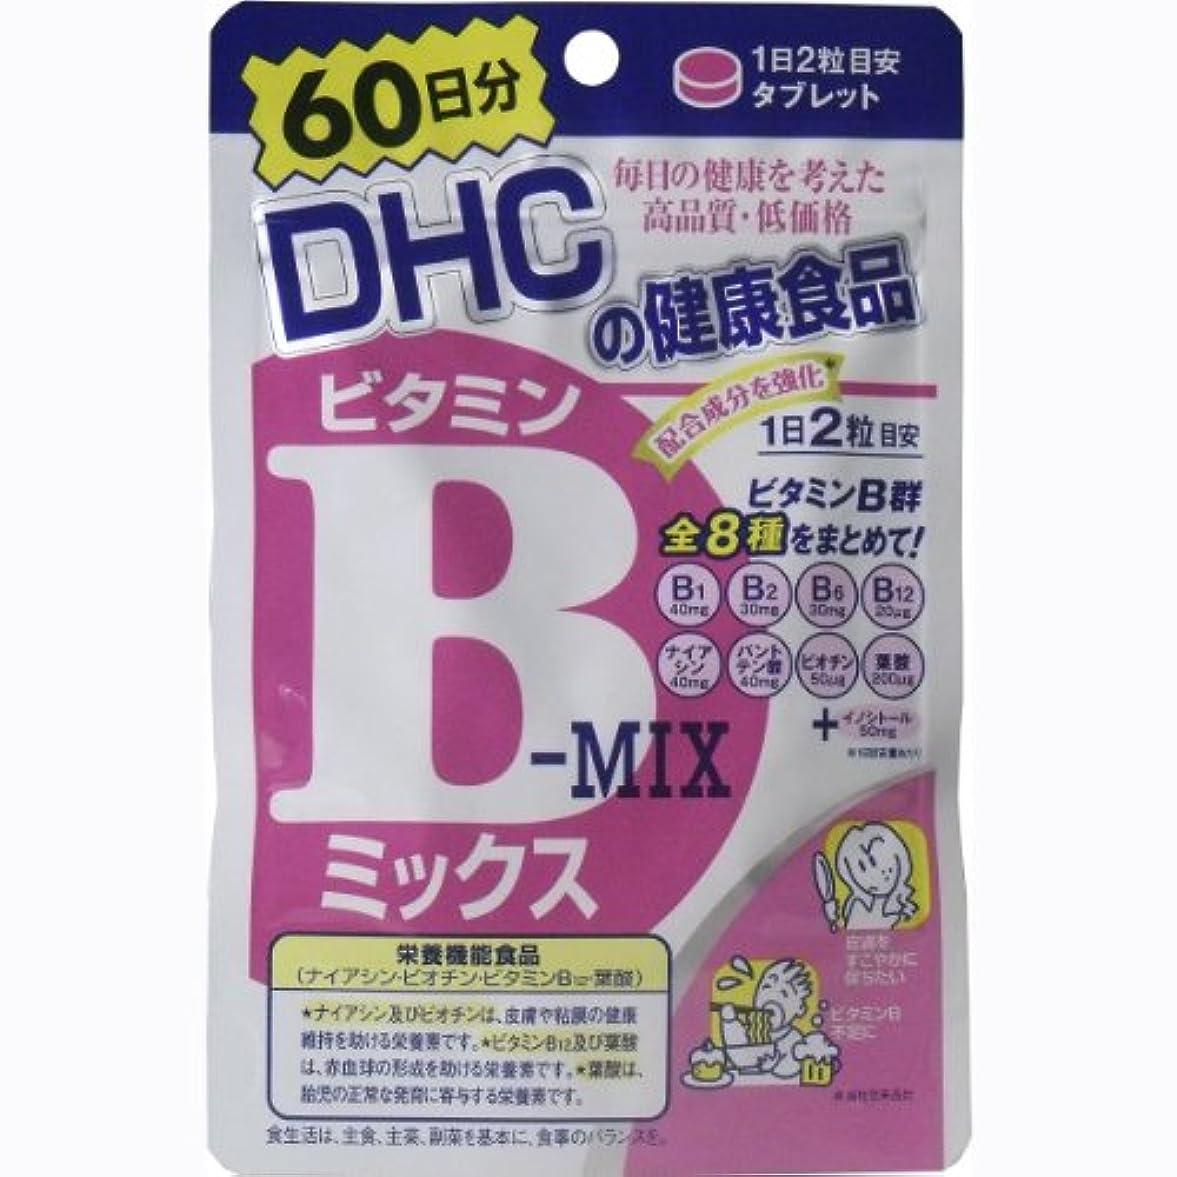 配置みがきます然としたDHC ビタミンBミックス 120粒 60日分【4個セット】